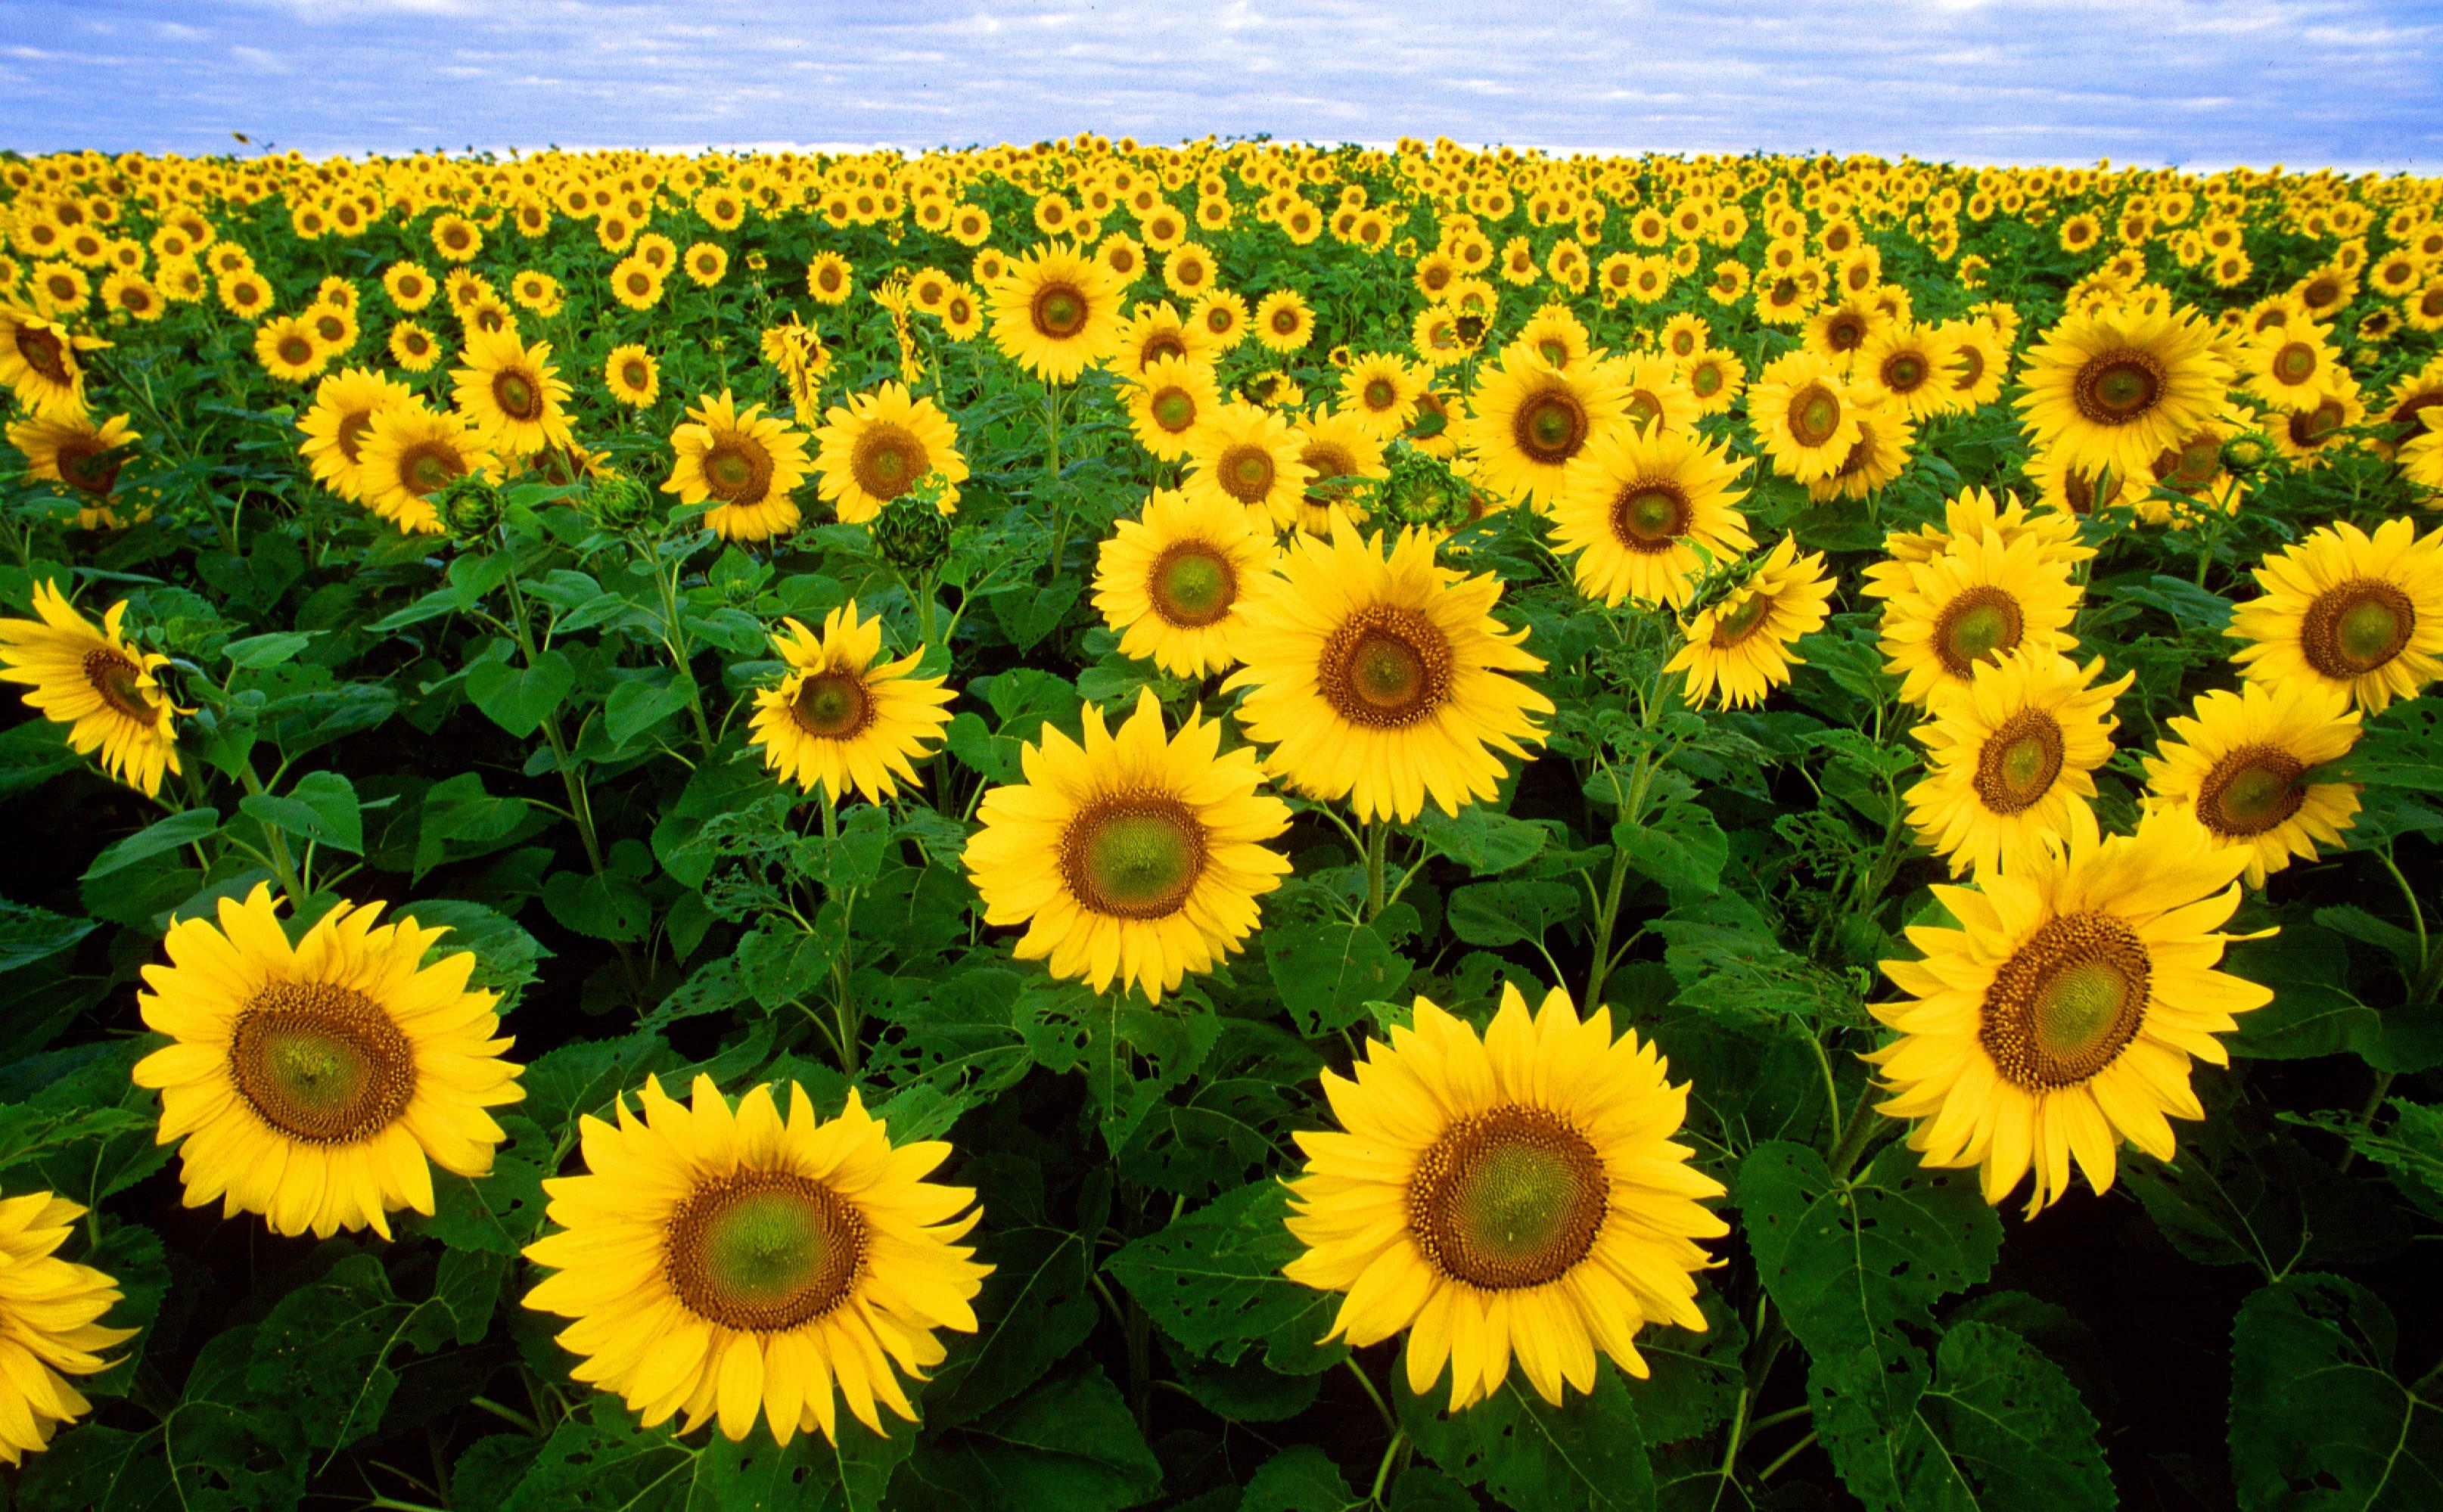 Gambar Alam Mekar Menanam Langit Bidang Berkembang Kuning